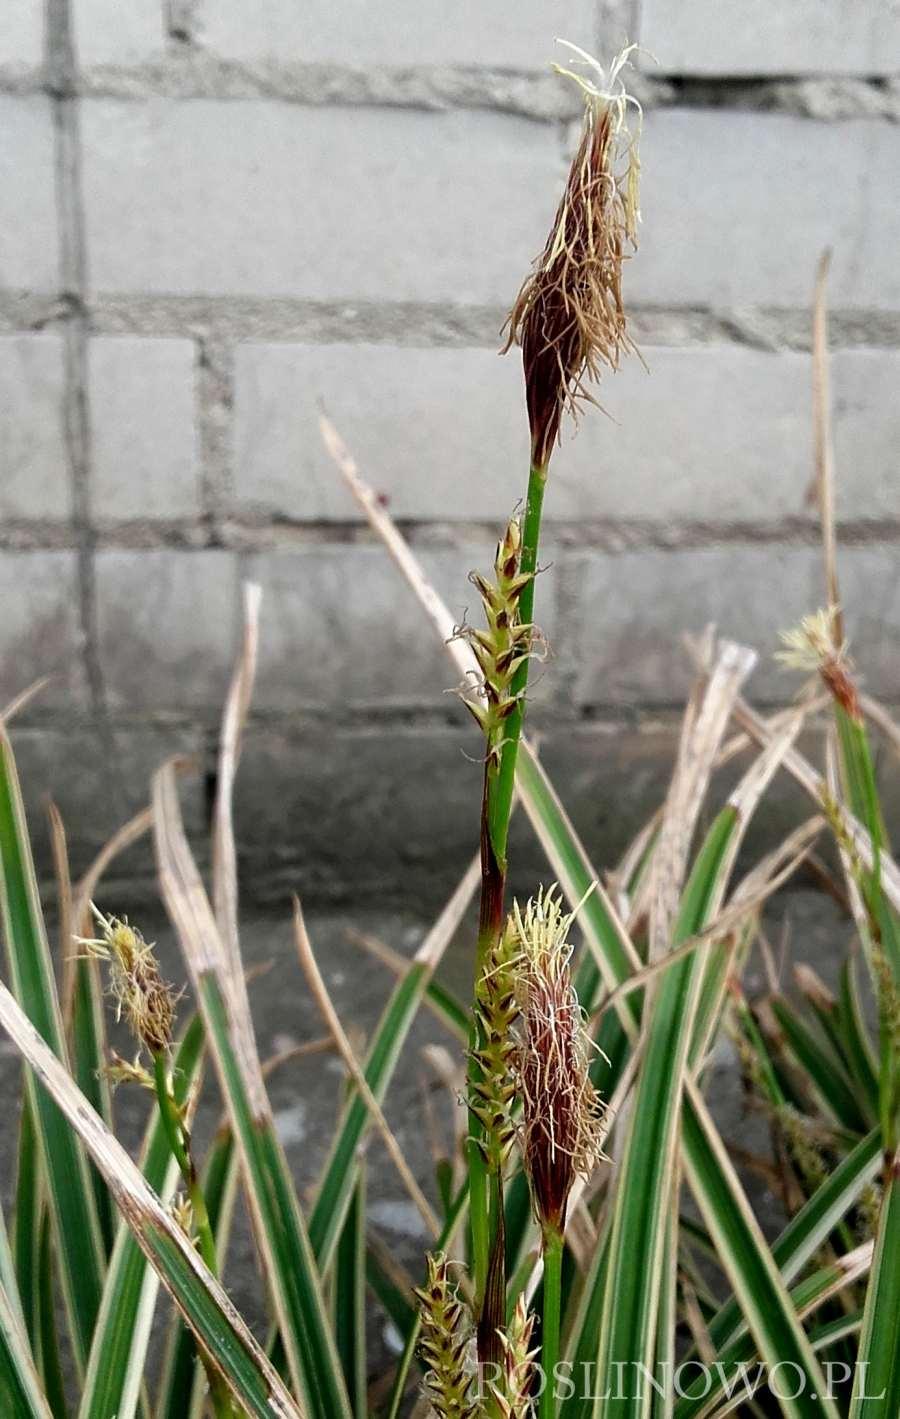 kwiat turzycy morrowej